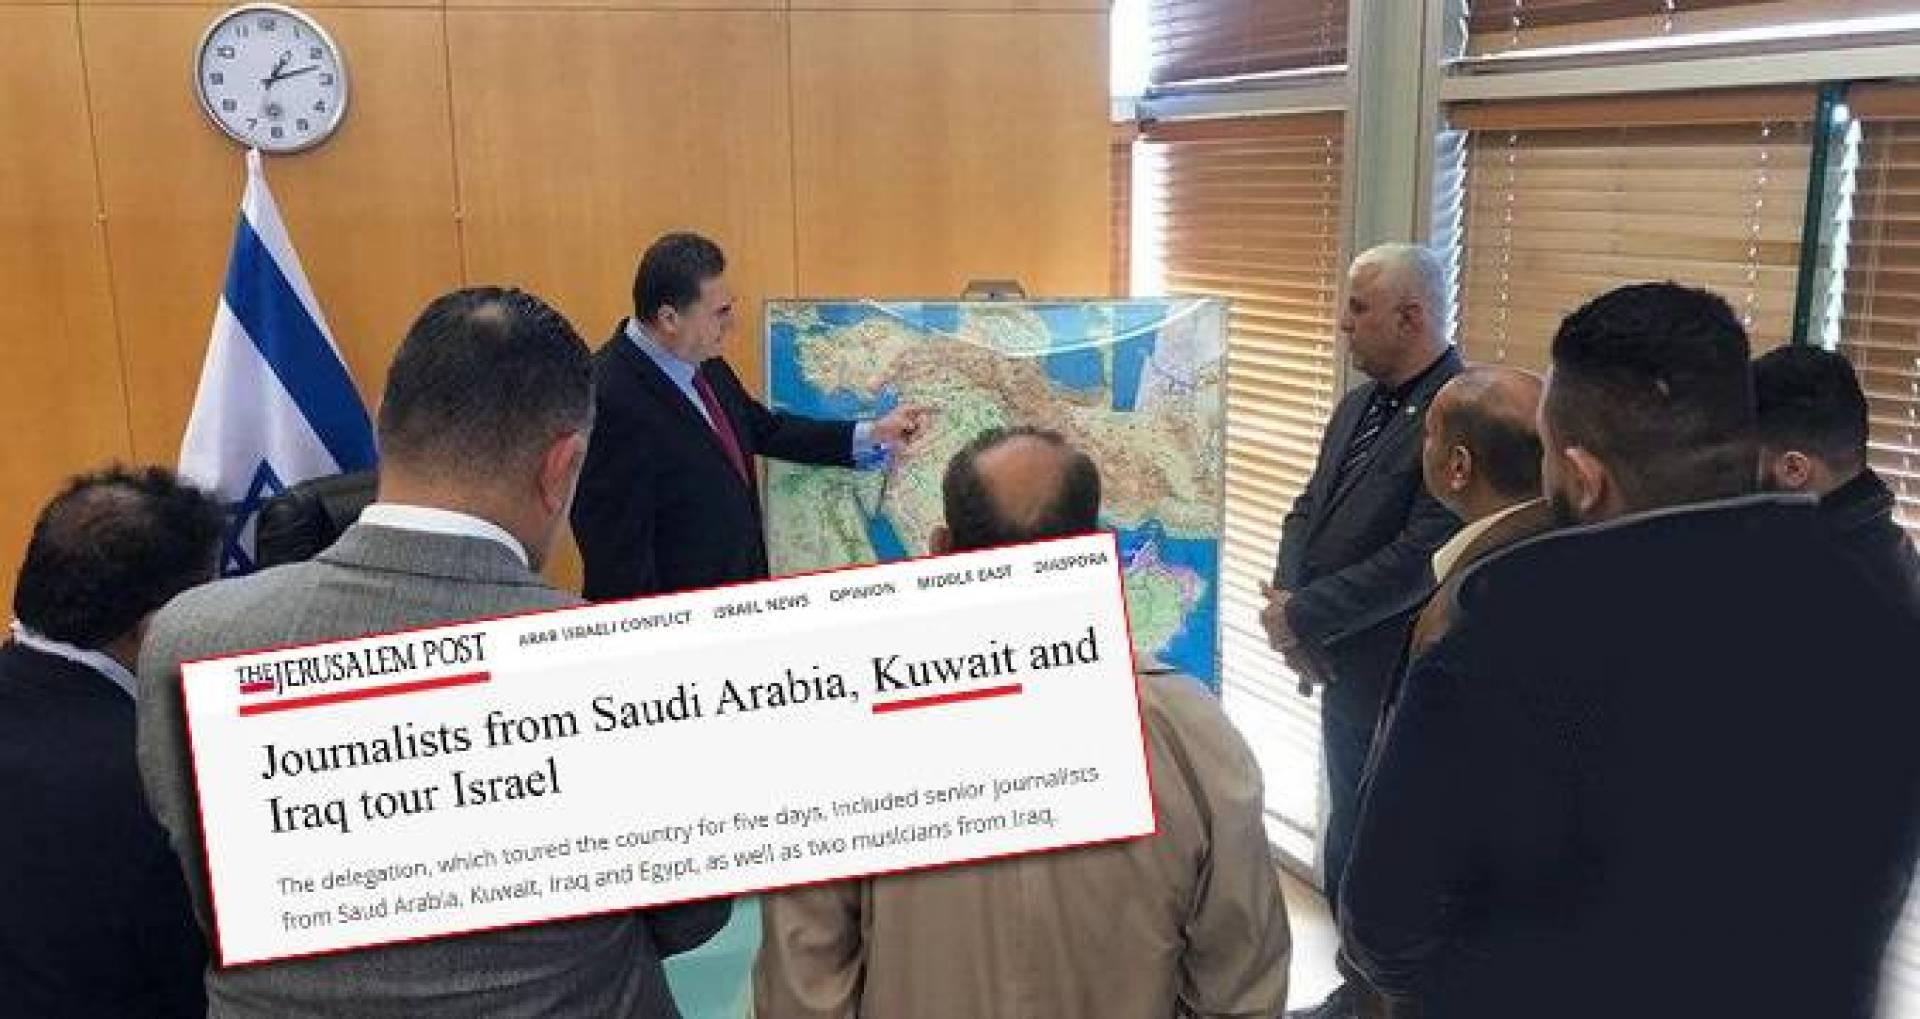 صورة نشرها حساب «إسرائيل بالعربية الرسمي» للوفد الإعلامي العربي خلال زيارته إسرائيل